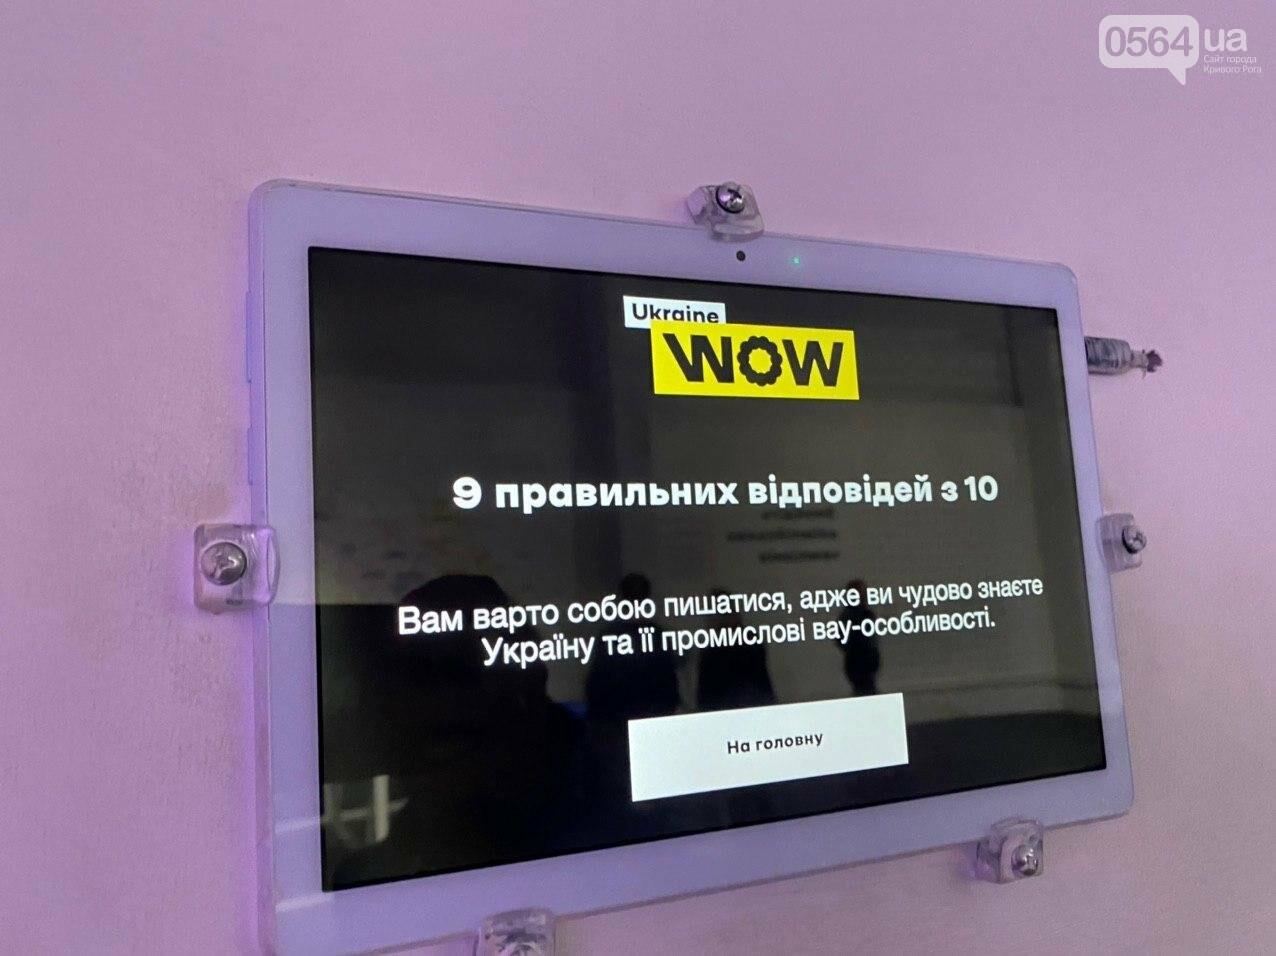 Ukraine WOW: что можно было узнать о Кривом Роге на интерактивной выставке, - ФОТО , фото-6